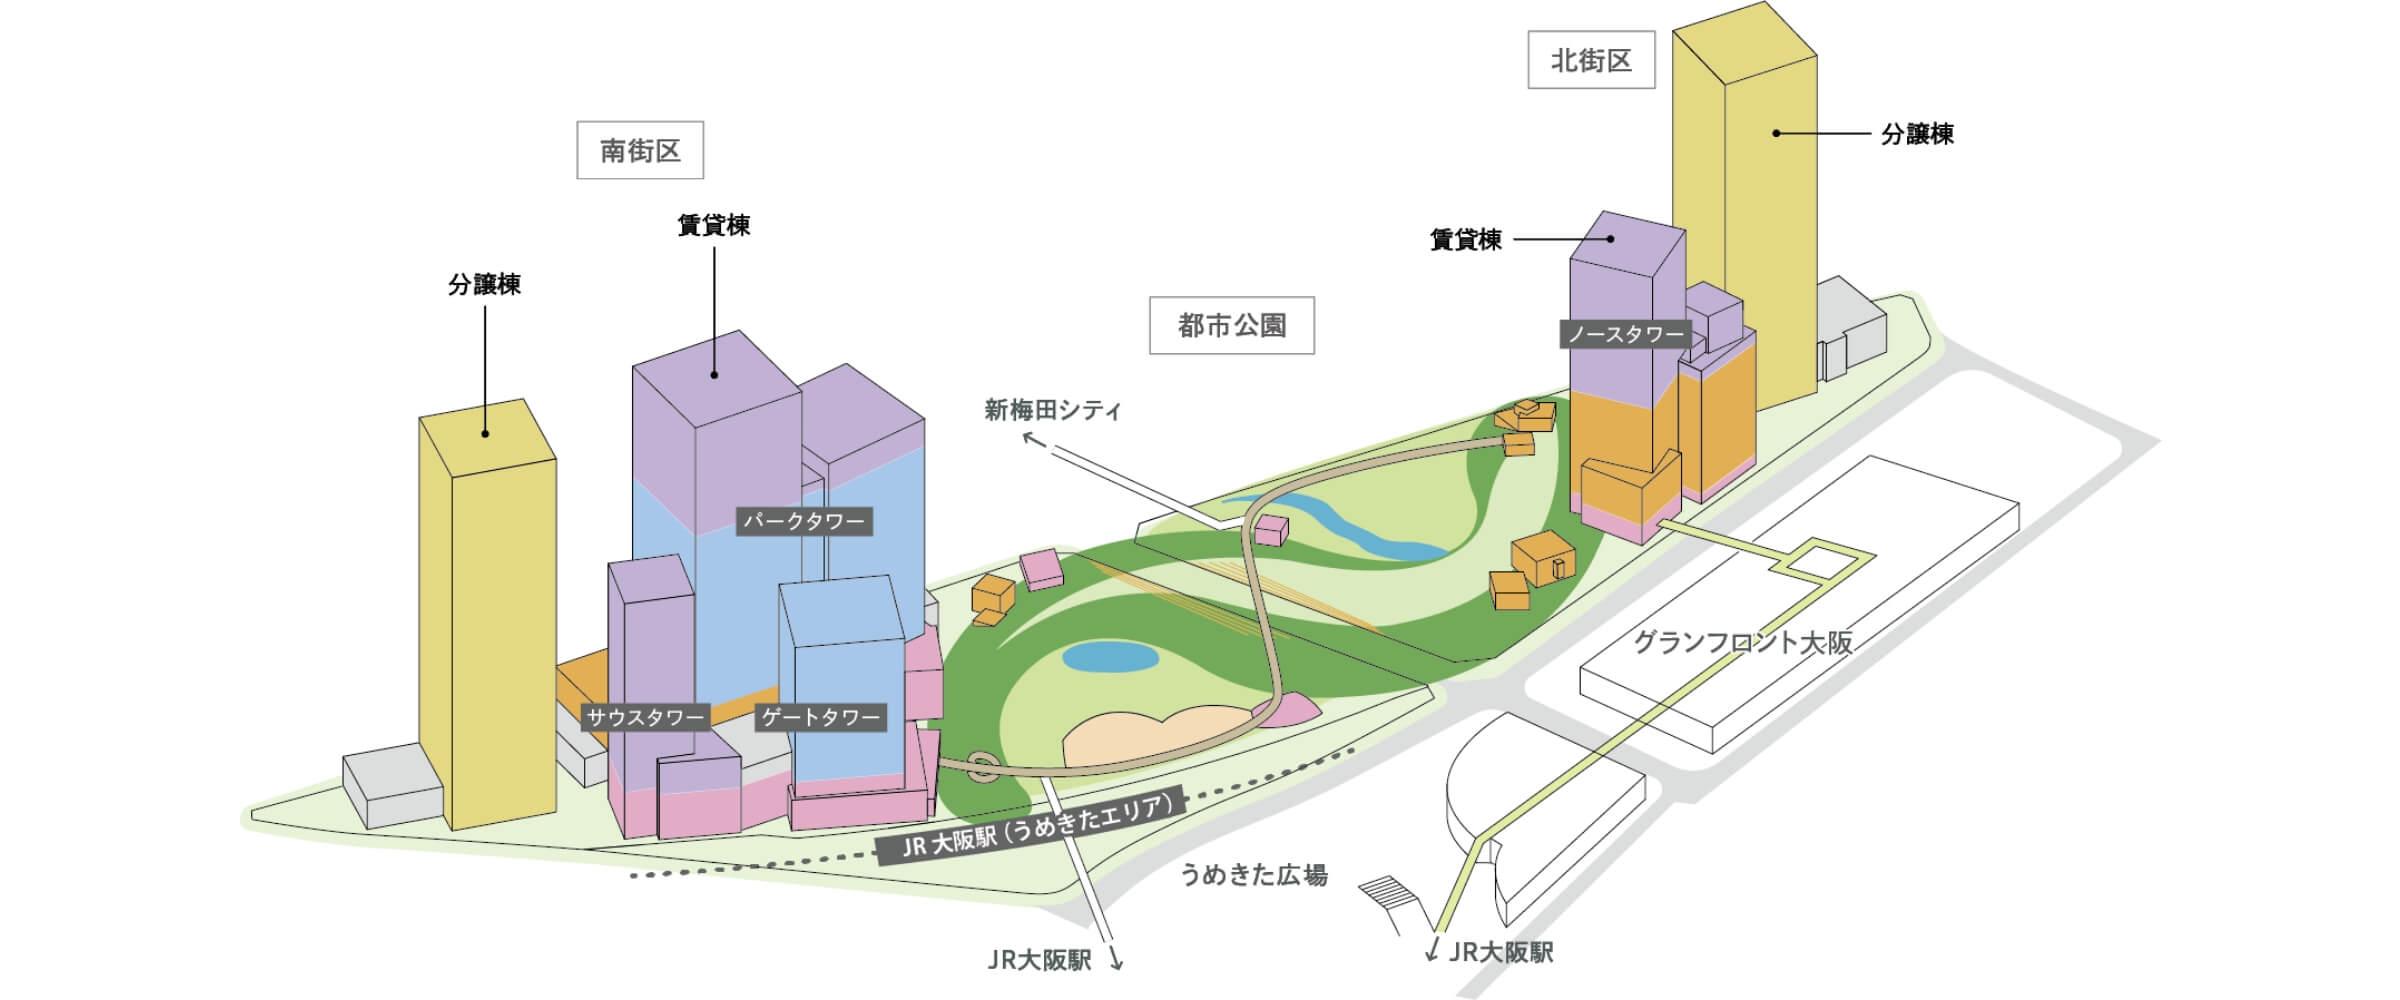 世界をリードする高質な都市空間